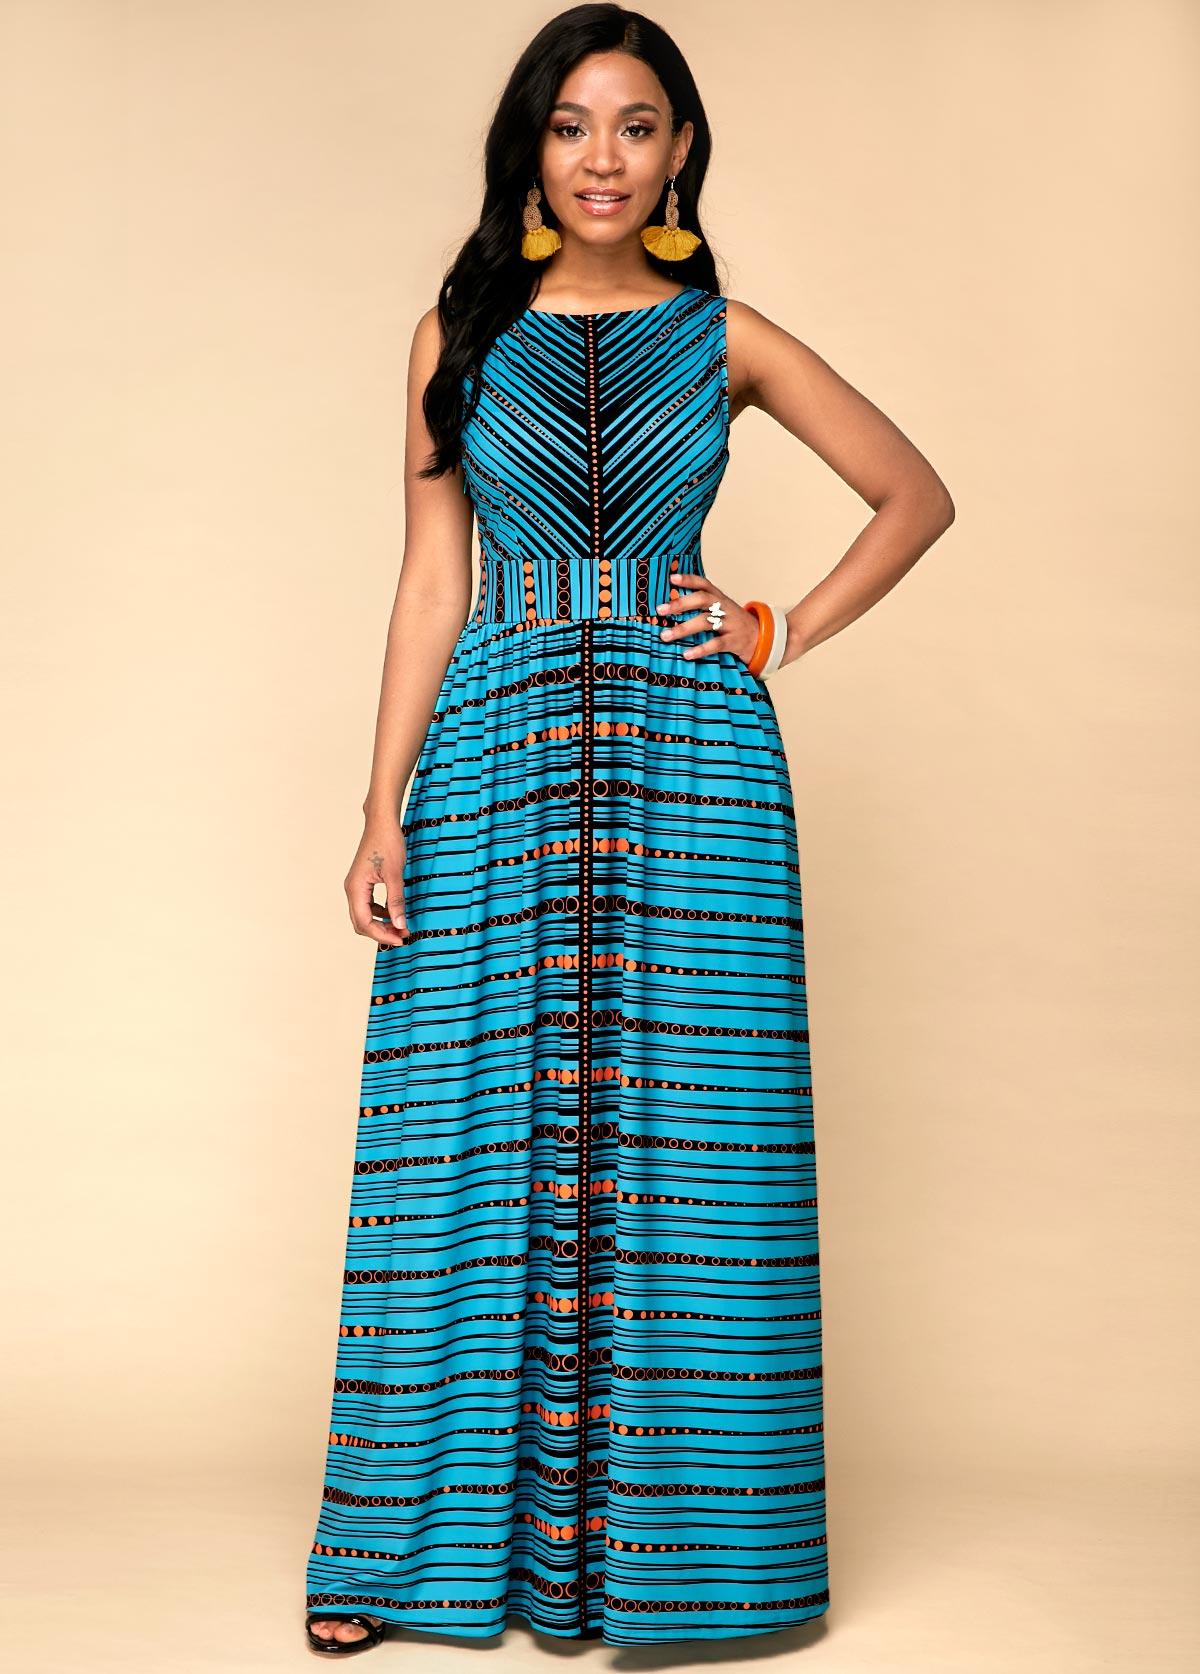 Tribal Print Sleeveless High Waist Dress